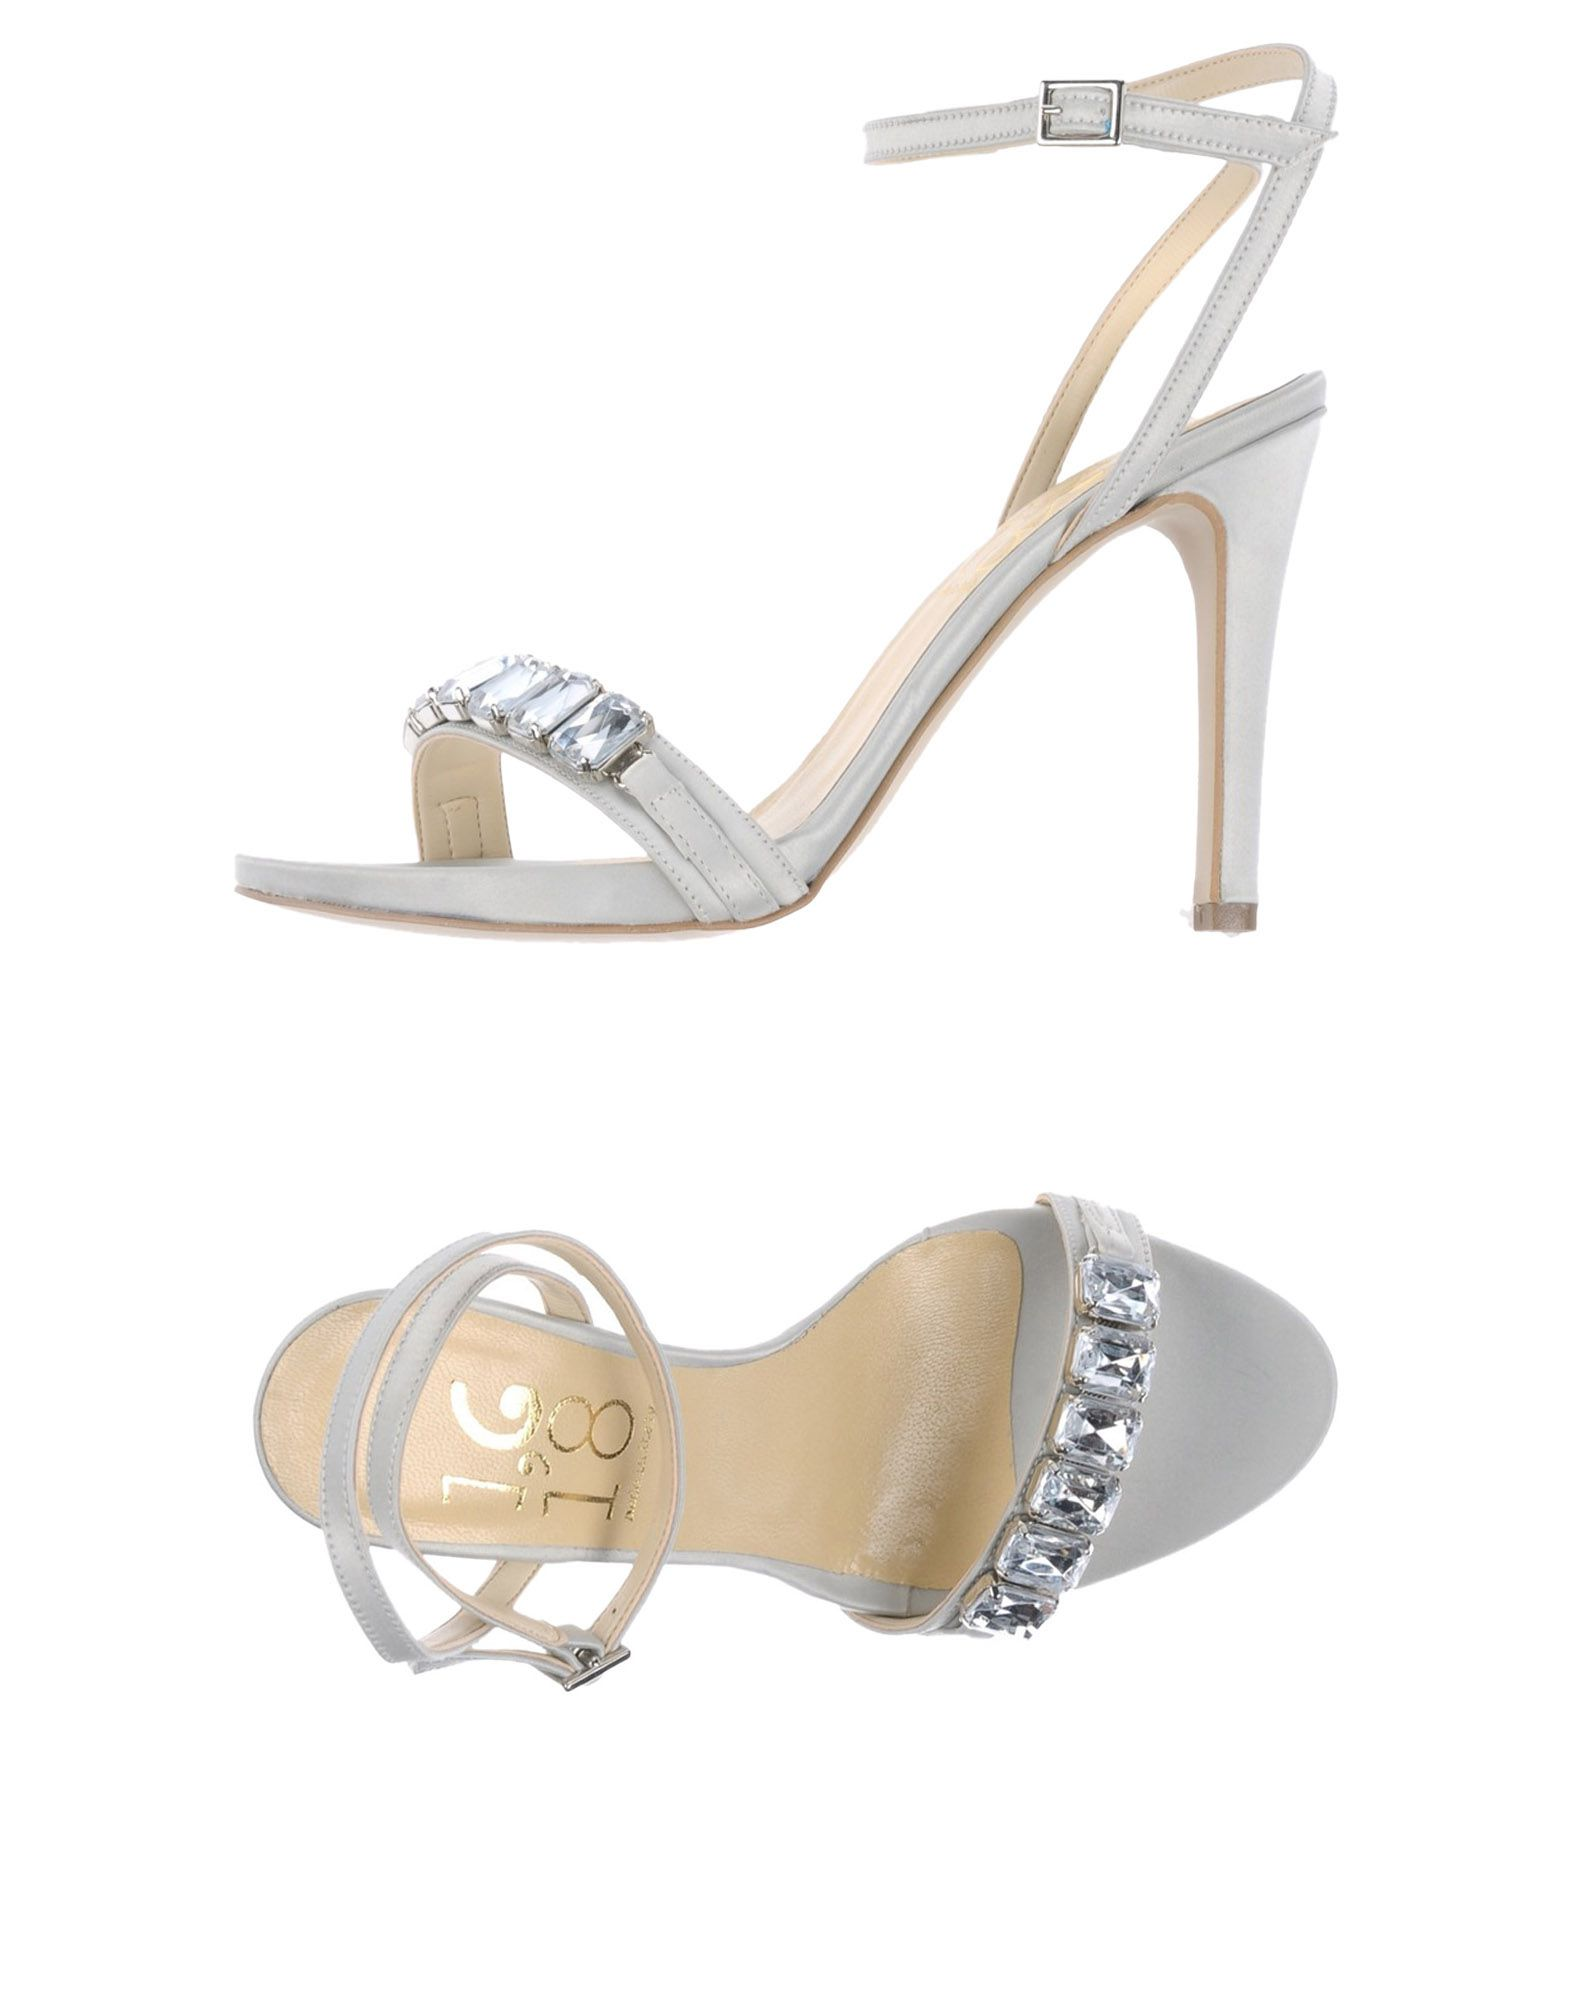 Moda Sandali Sandali Moda 1,618 Donna - 11150958HN 4c5fcf